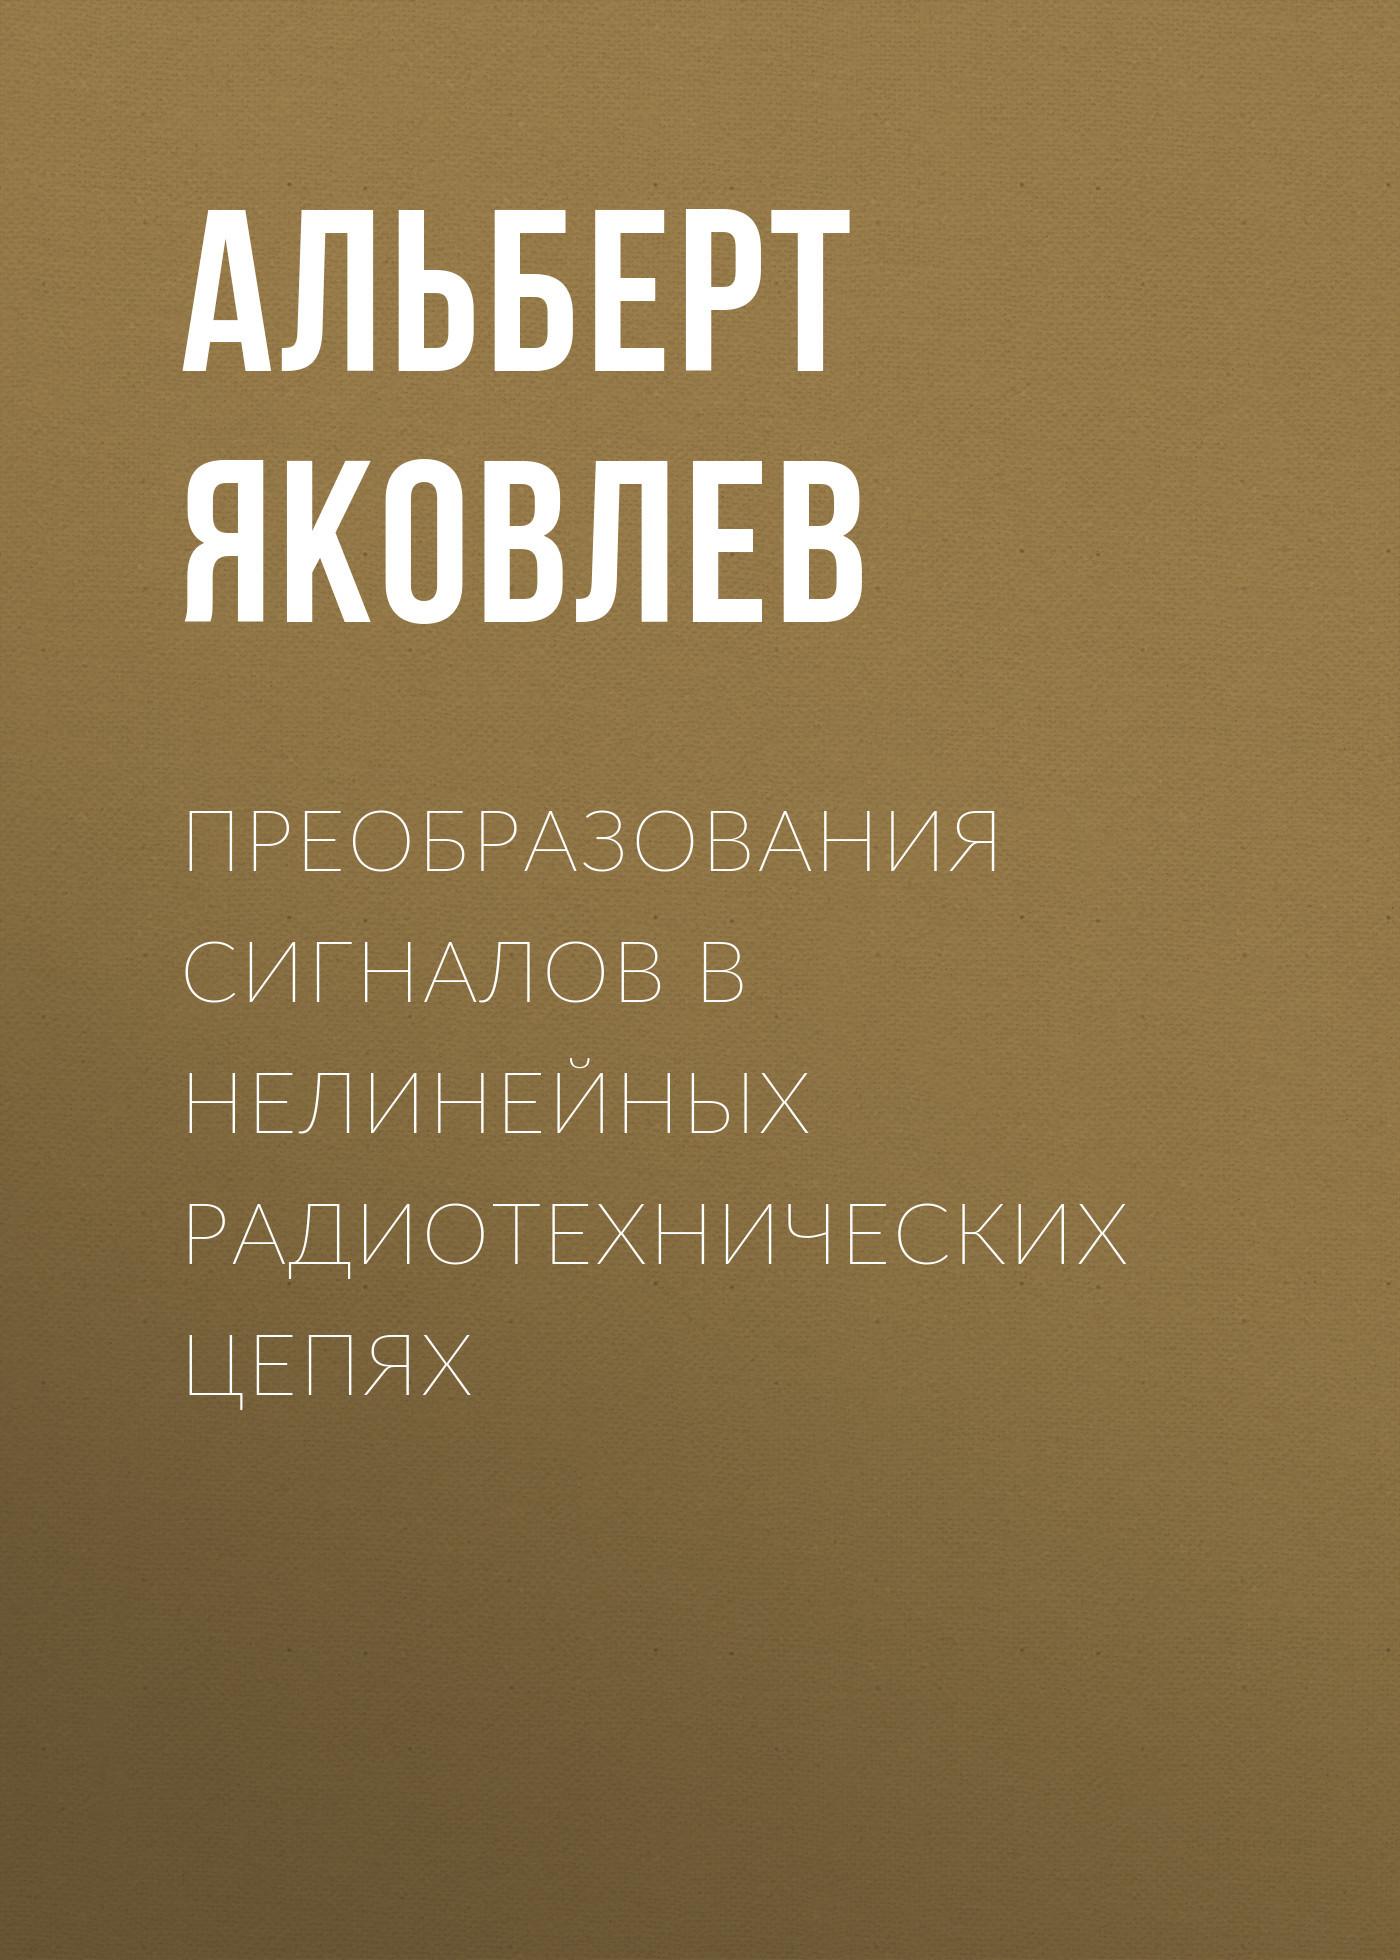 Альберт Яковлев Преобразования сигналов в нелинейных радиотехнических цепях